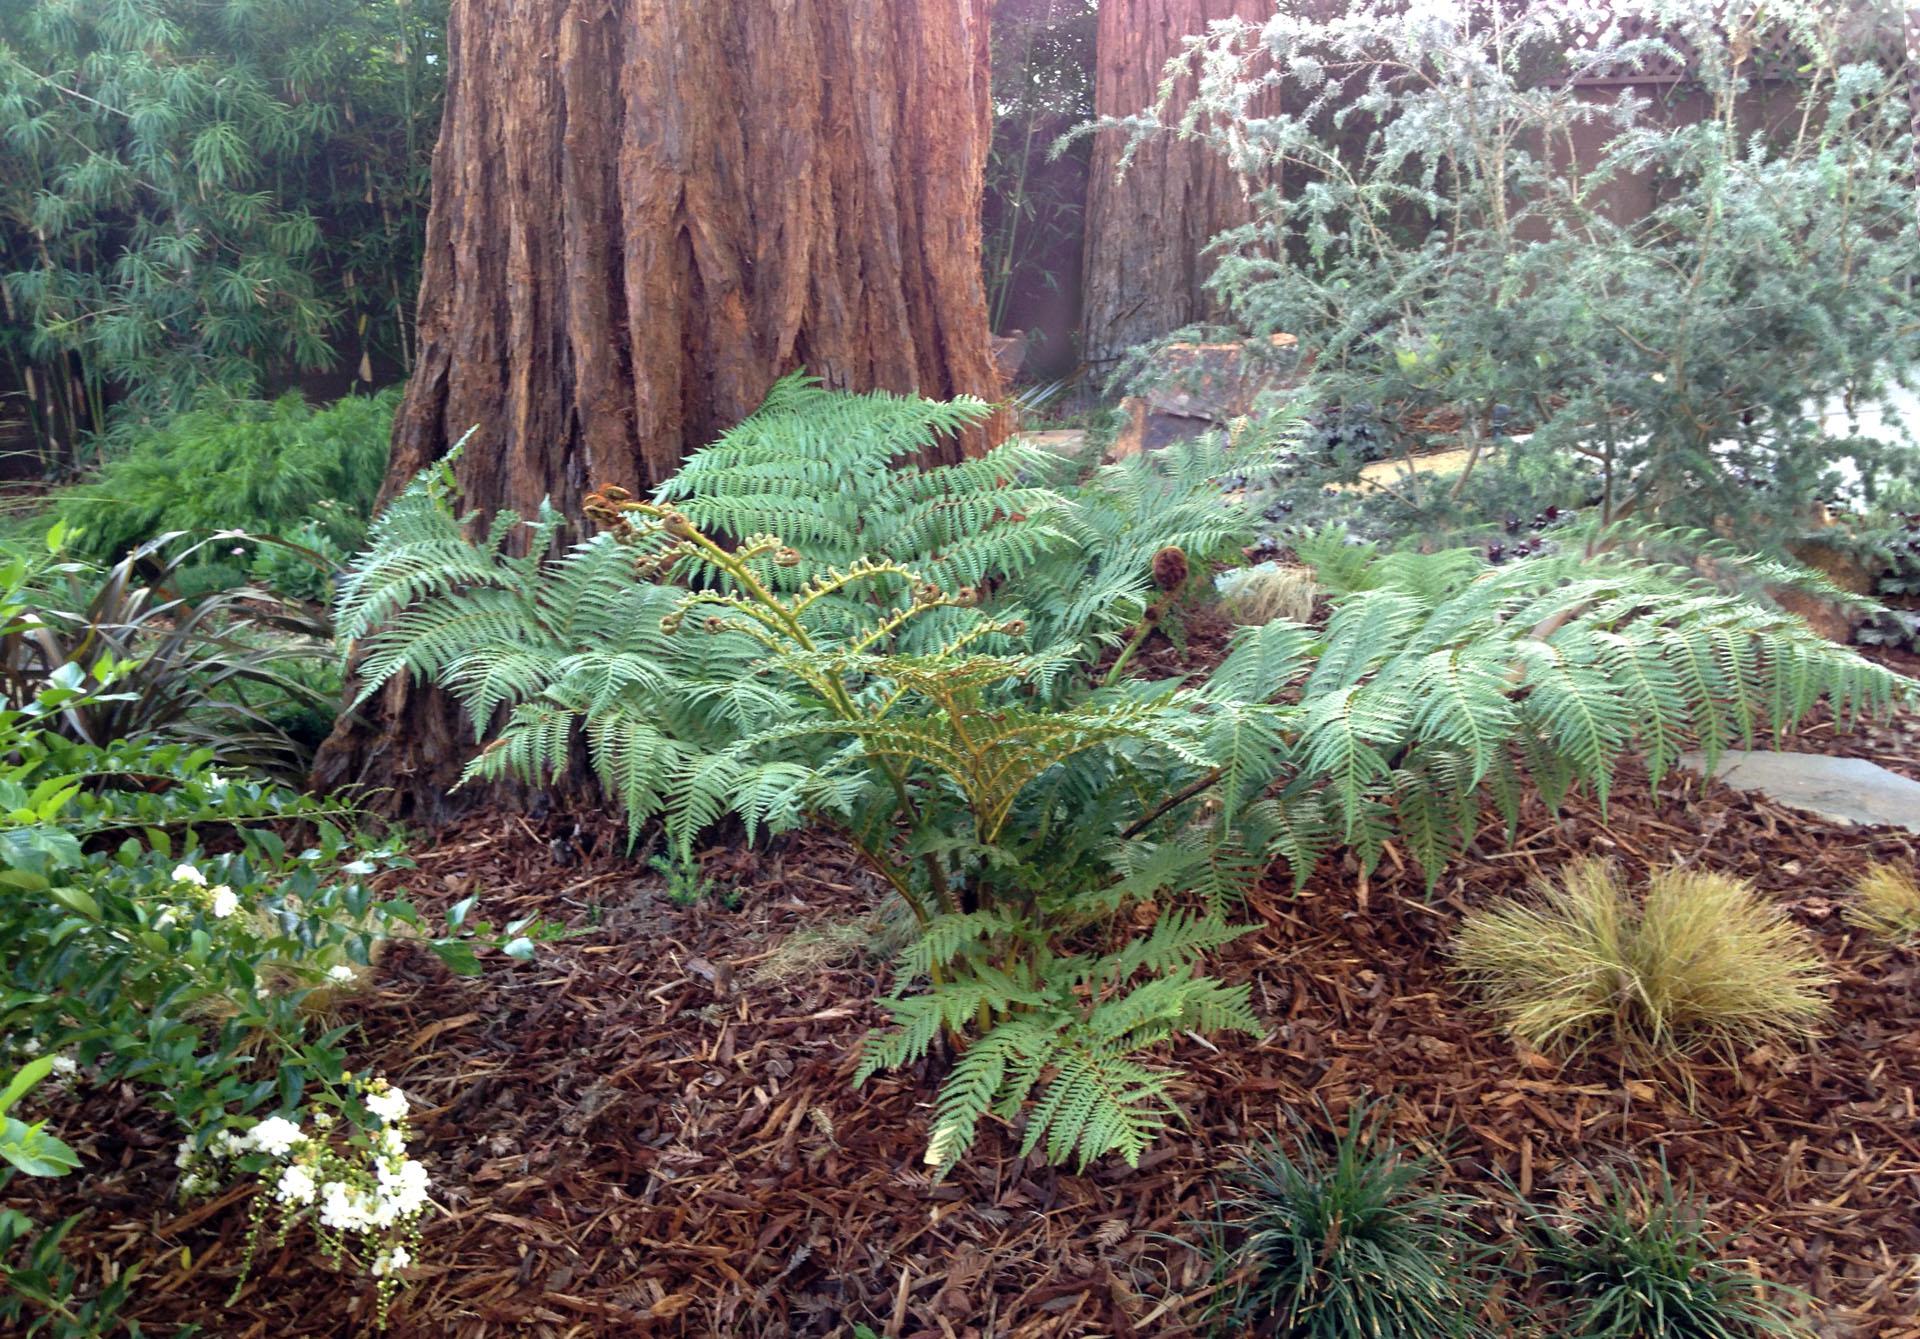 5.Redwoods_Ferns.Ketti.Kupper.jpg